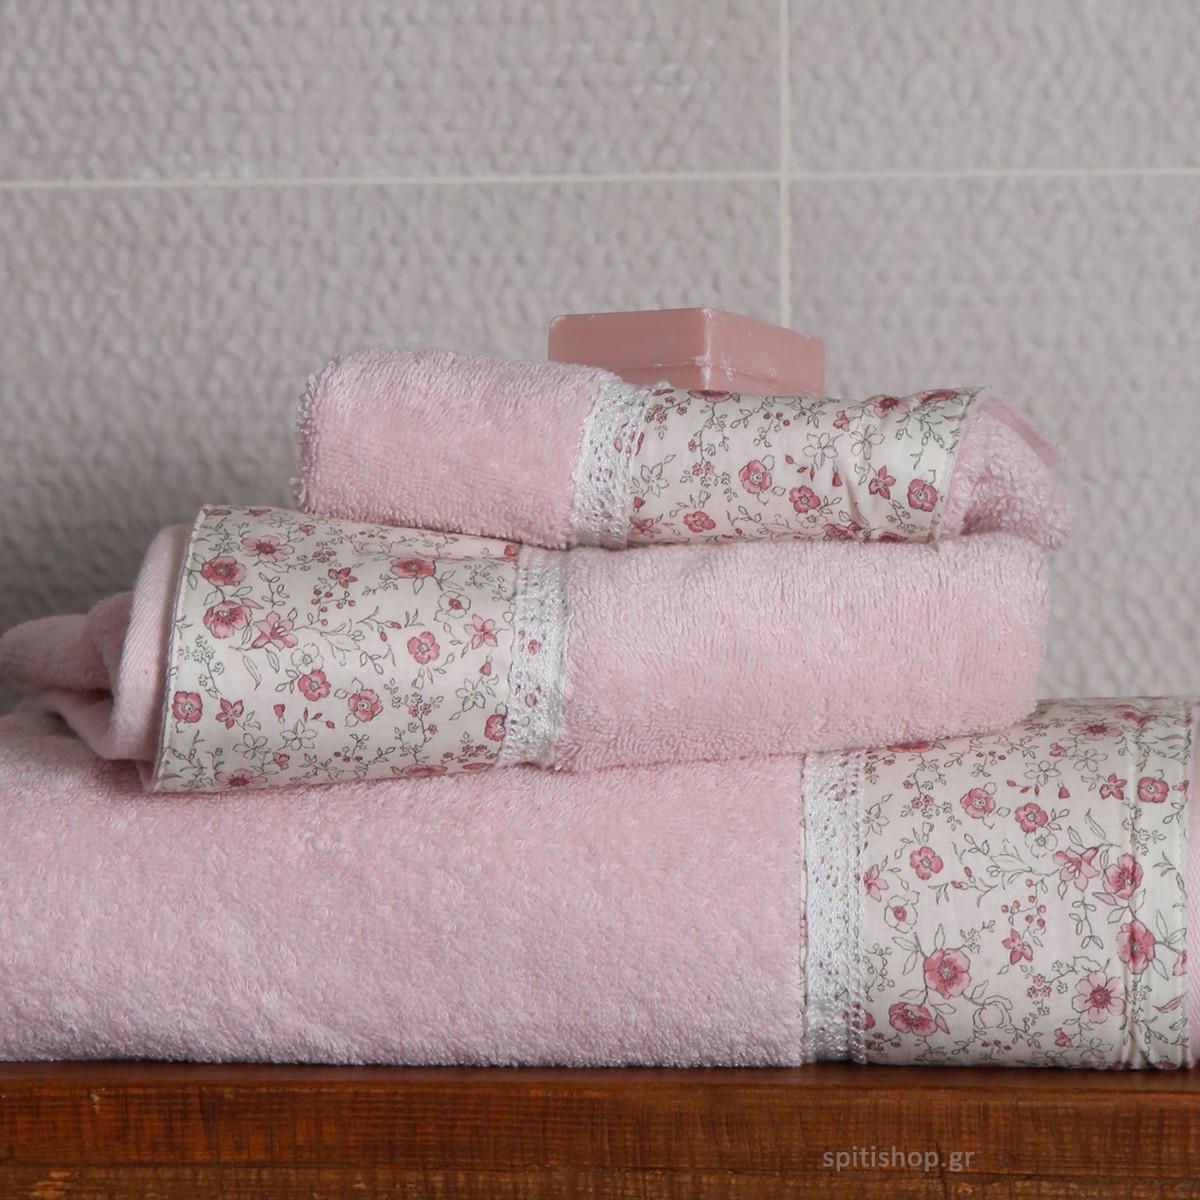 Πετσέτα Χεριών (30x50) Nef-Nef Tenvis home   μπάνιο   πετσέτες μπάνιου